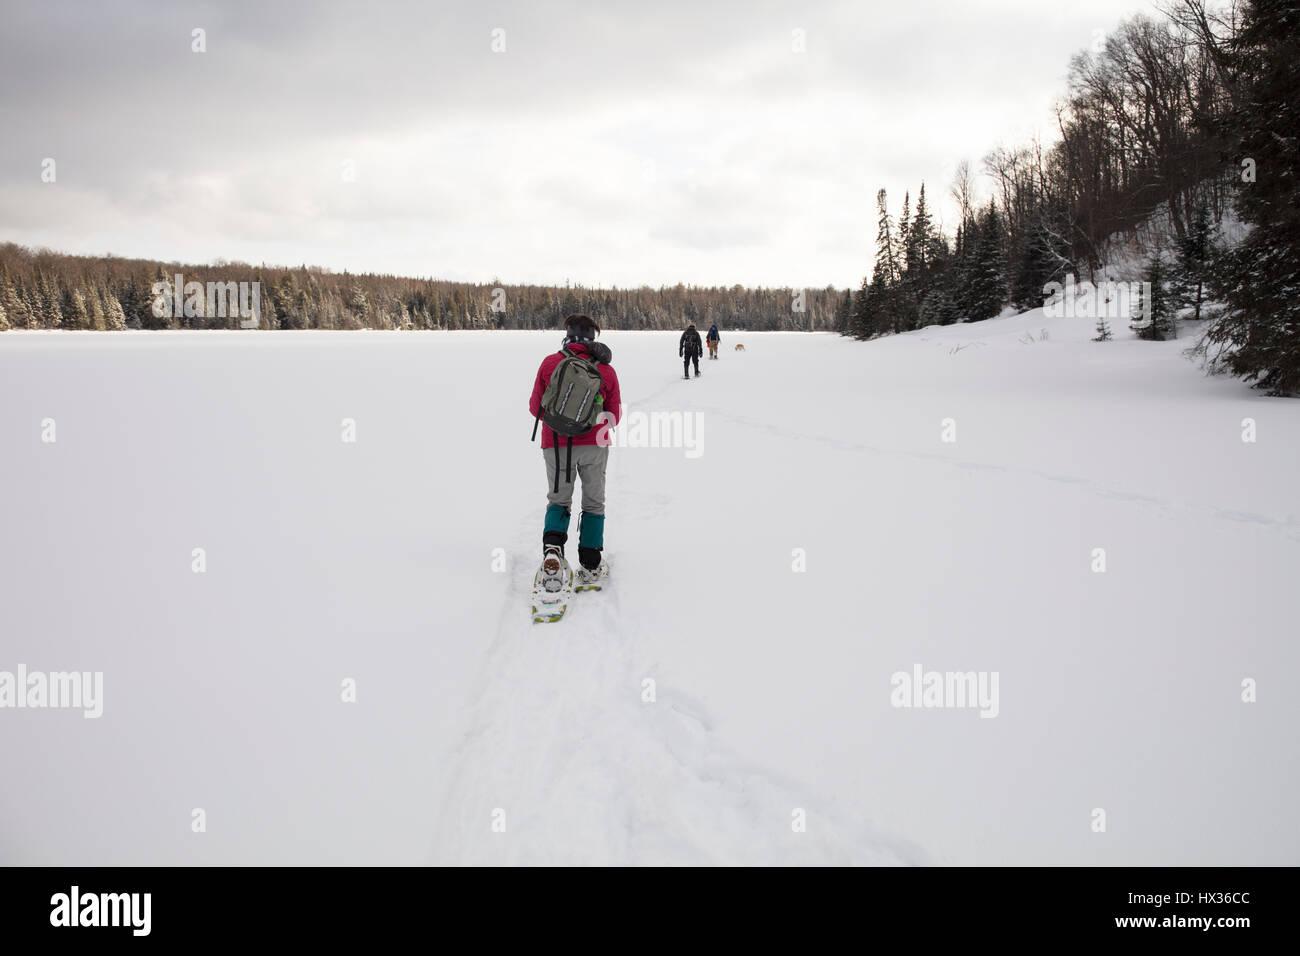 ONTARIO, CANADA - 11 Février 2017: trois adultes de la raquette sur un lac gelé en hiver. ( Photographe Photo Stock